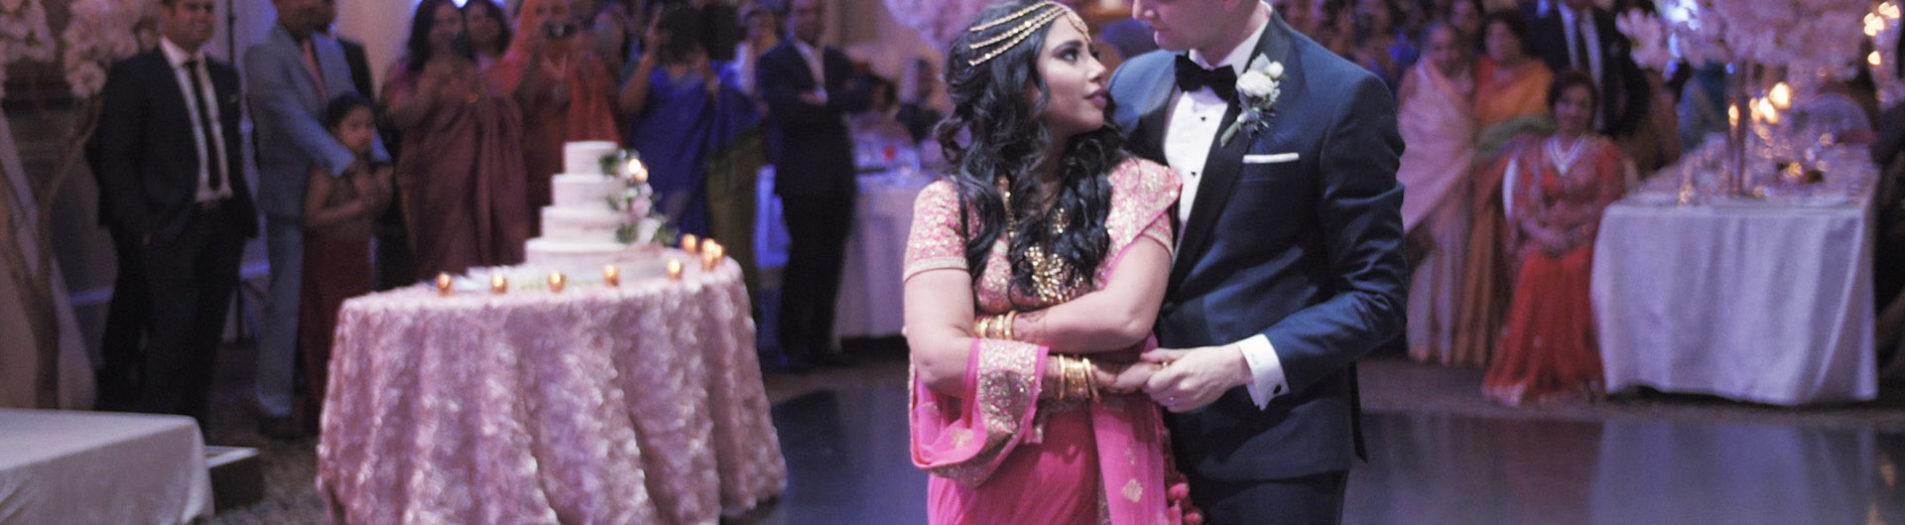 Toronto Same Day Edit | Liberty Grand Wedding | Nabeela + Mike